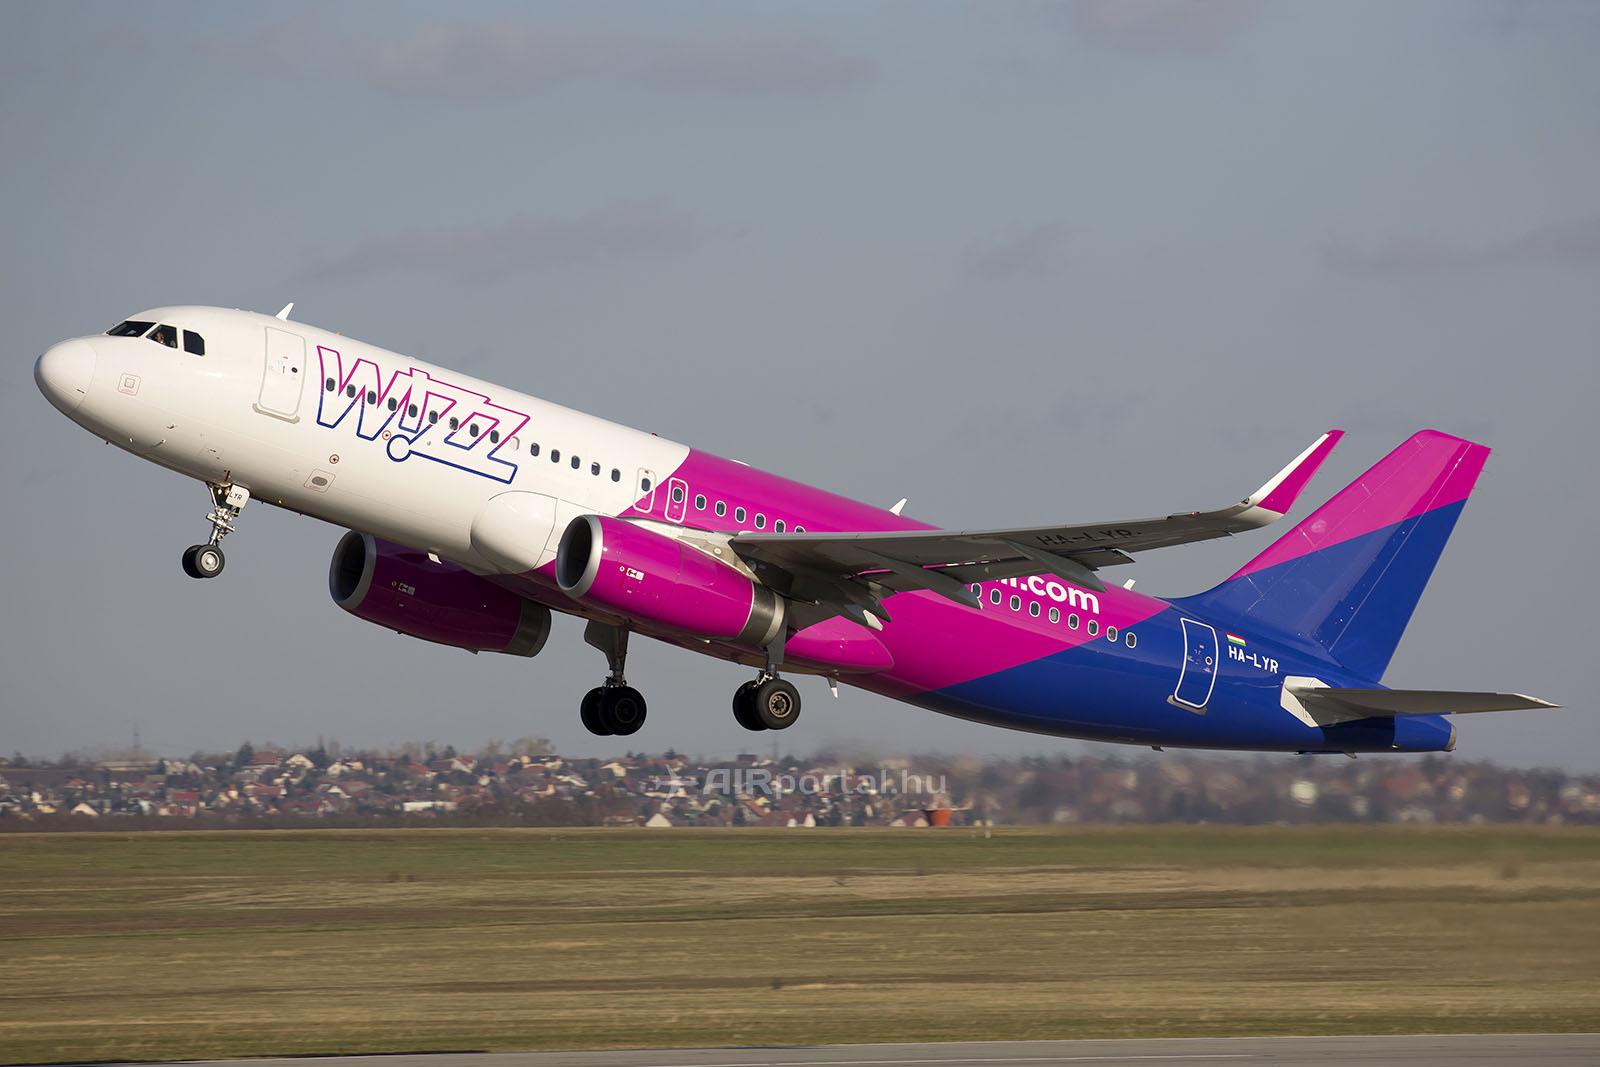 A Wizz Air egyik A320-as repülőgépe, Debrecenben még a korábbi festésű repülőgép bázisol. (Fotó: AIRportal.hu) | © AIRportal.hu